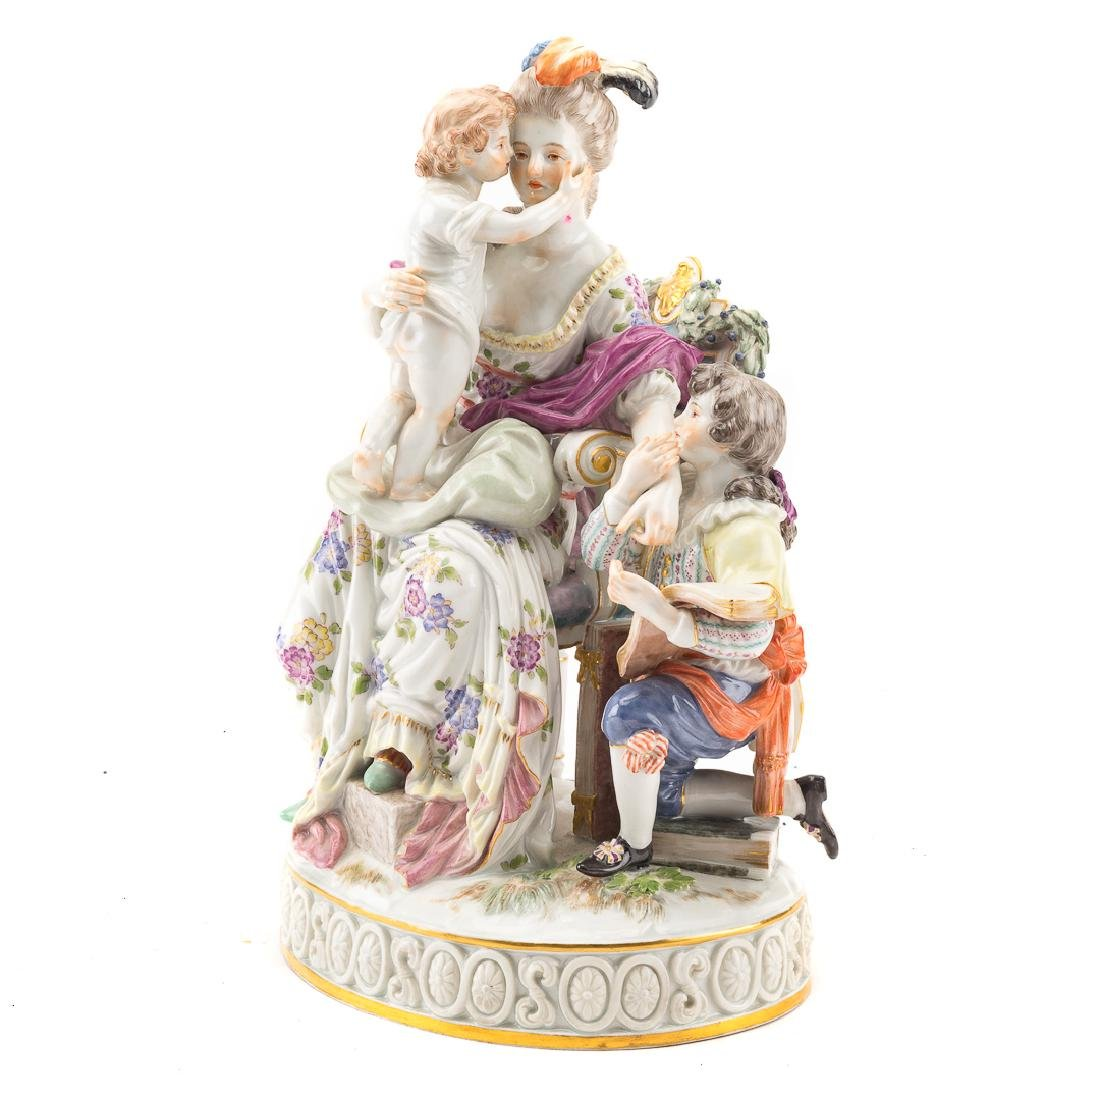 Meissen porcelain family group